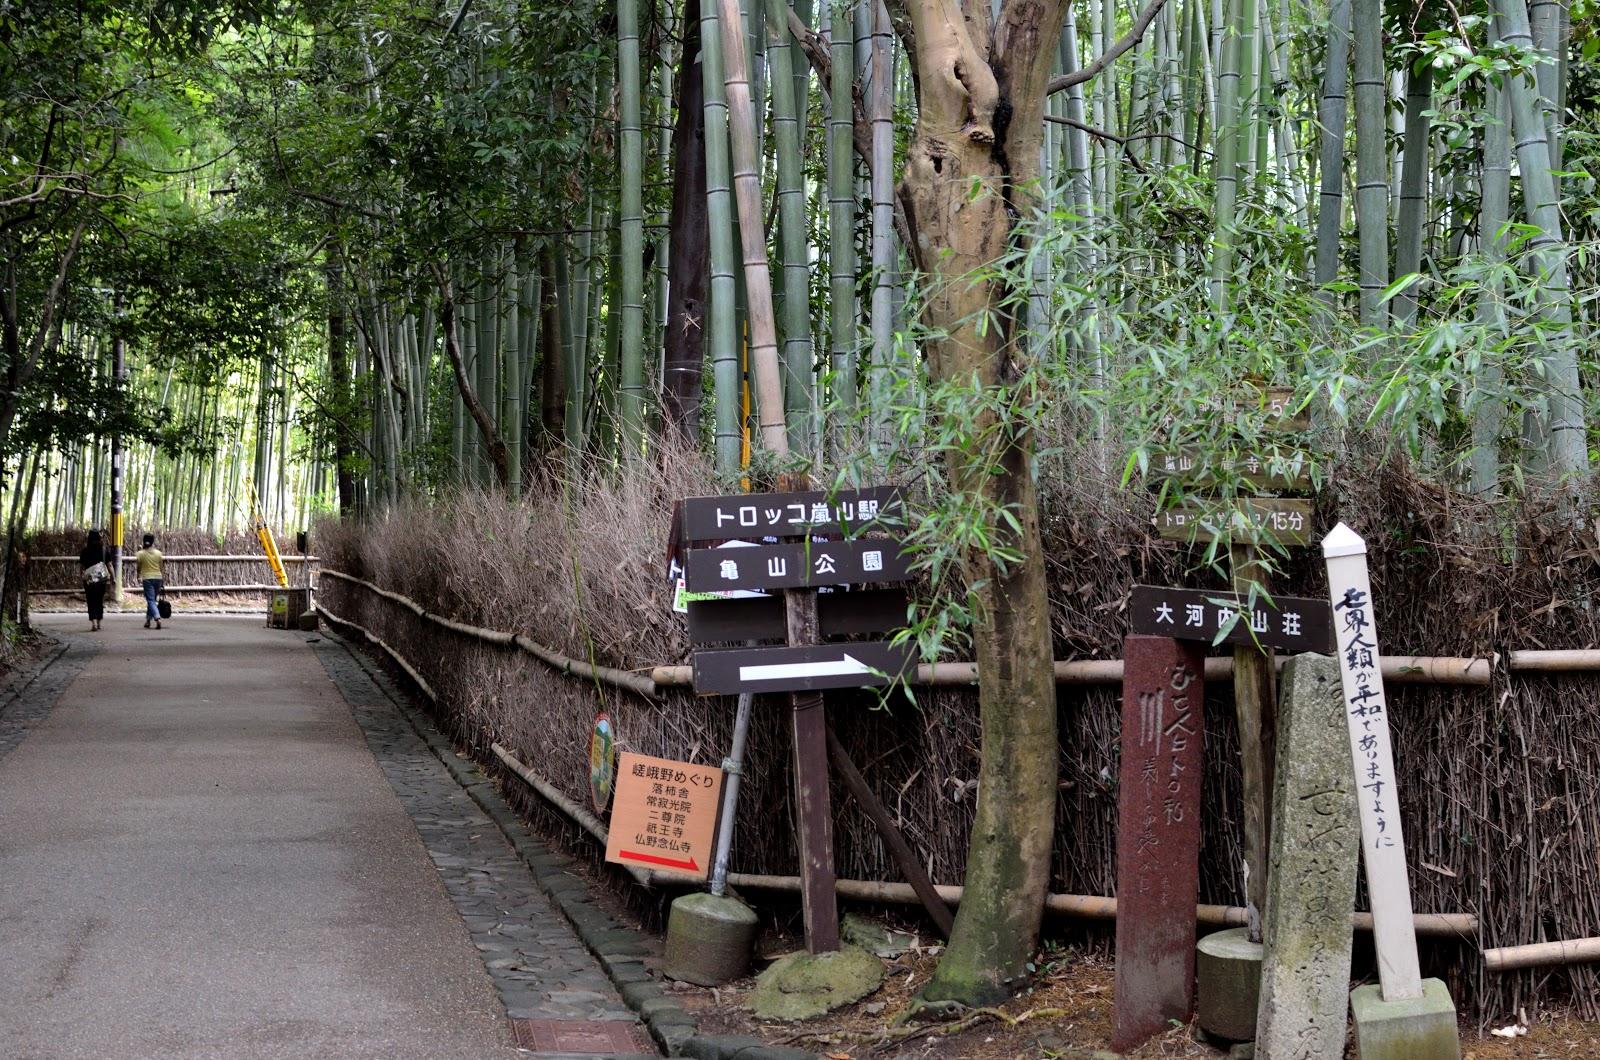 多多咪與拉拉喵: 京都 嵐山半日遊+嵐電沒有緣的妖怪電車